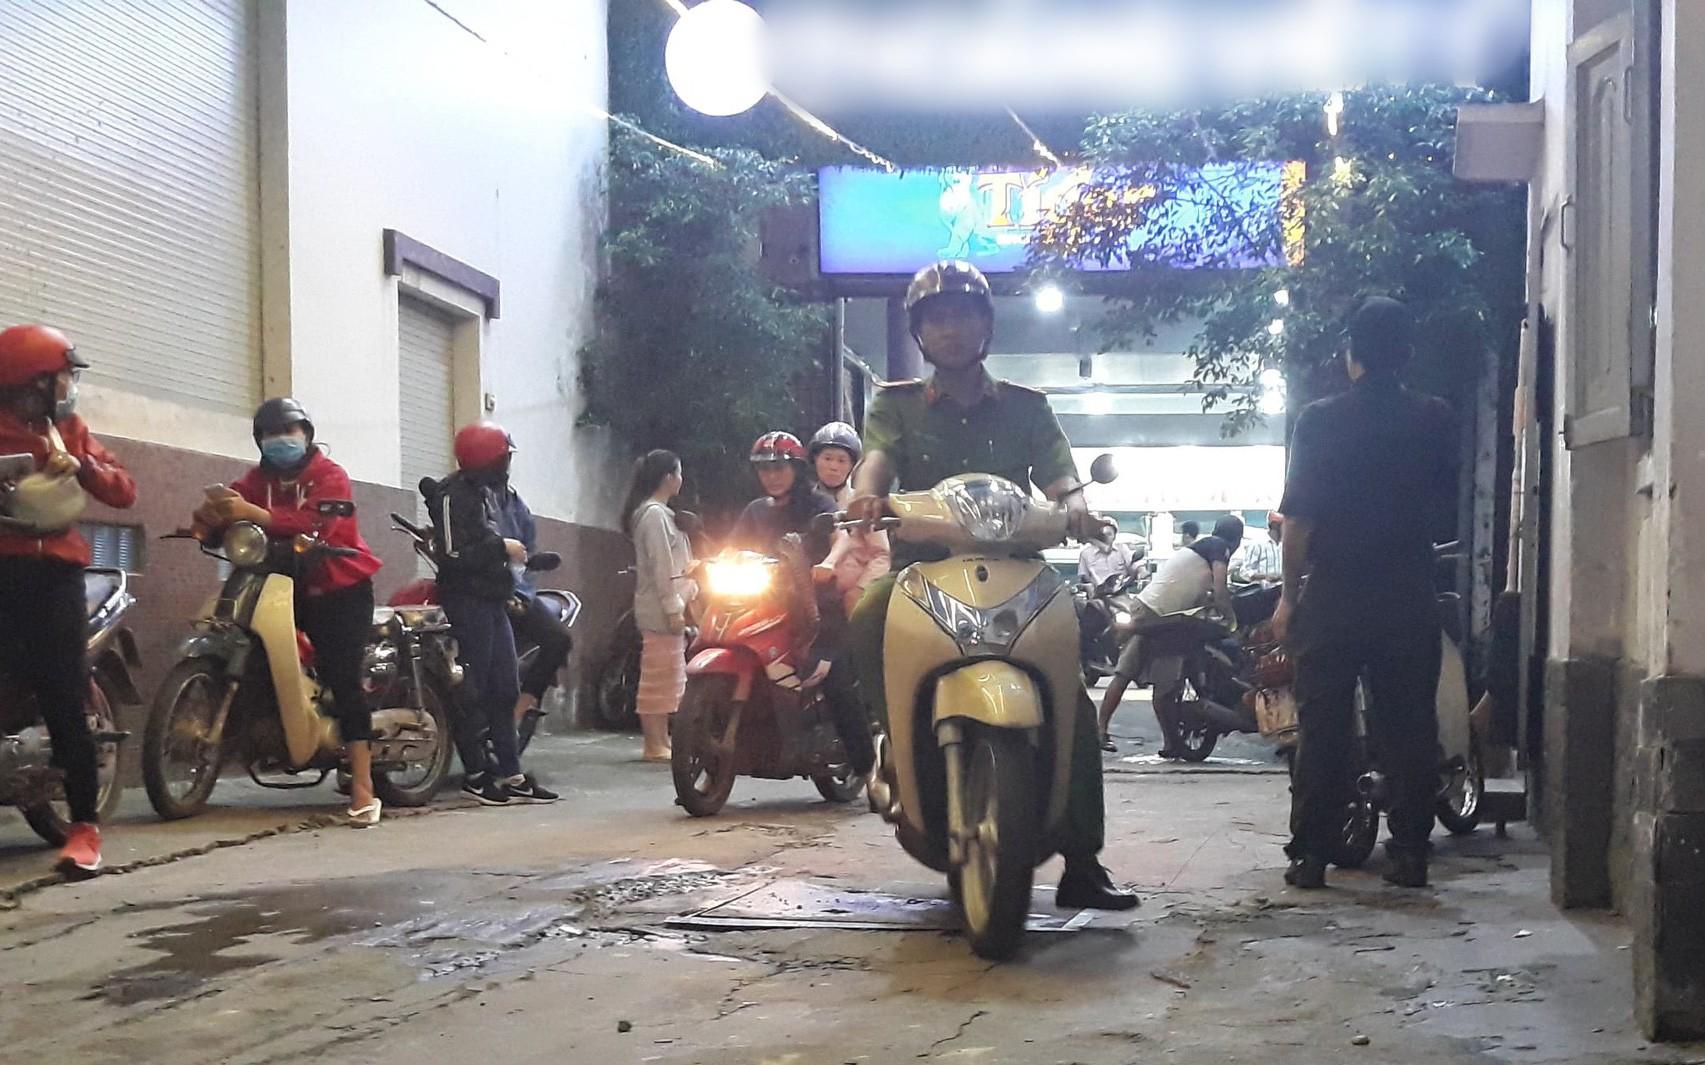 Nam thanh niên 18 tuổi mắc kẹt, tử vong trong thang máy tại nhà hàng ở Sài Gòn